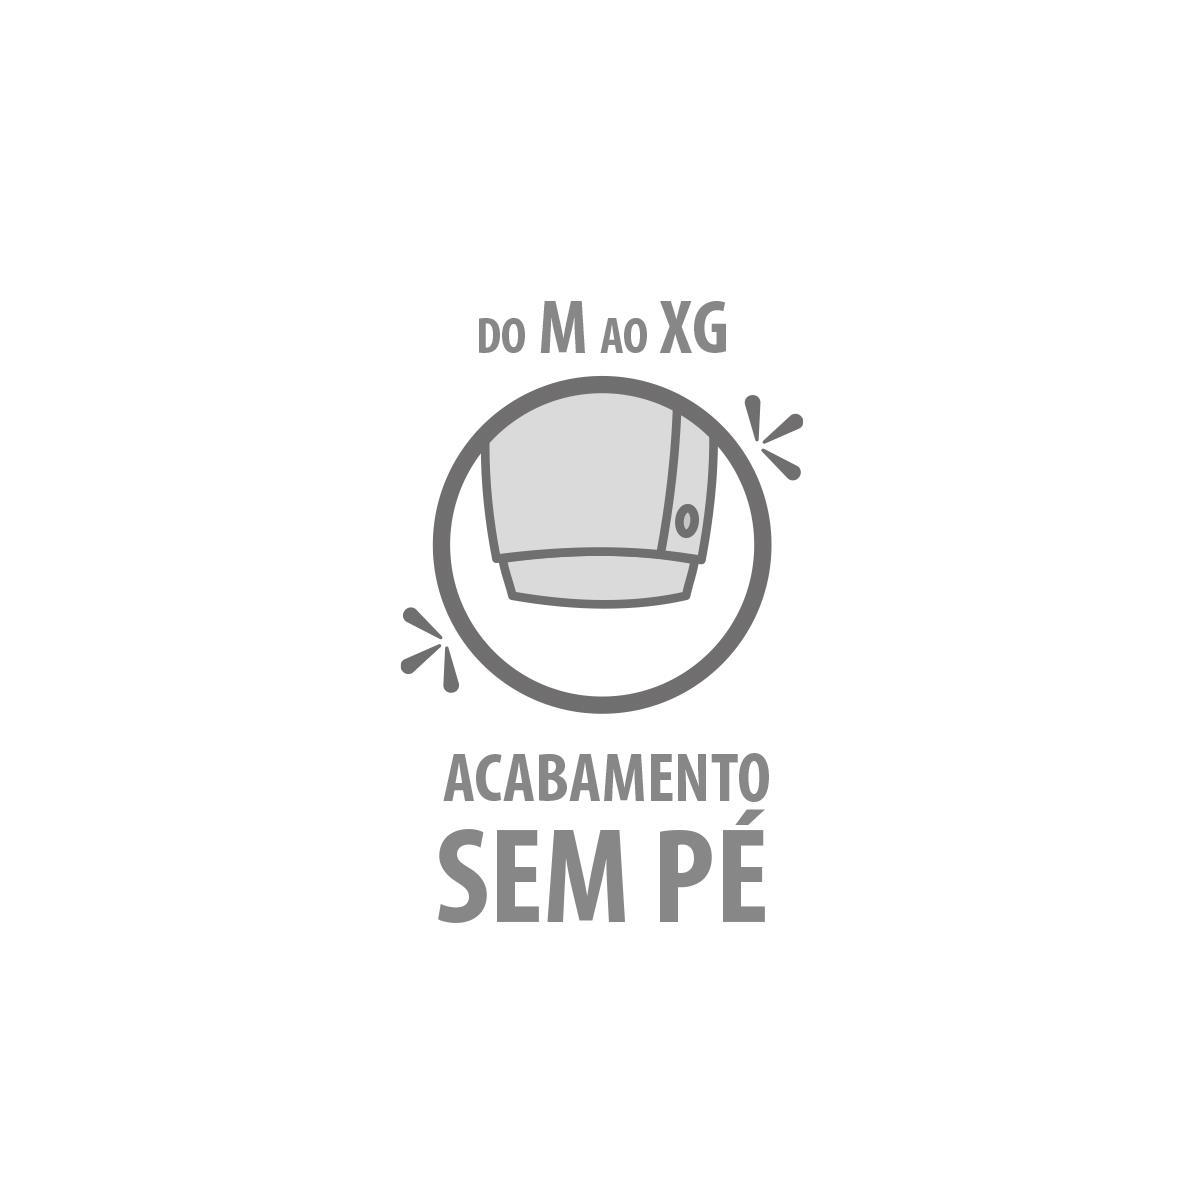 Macacão Zíper Passarinho Vermelho - Tamanhos RN e P com pezinho; M, G e XG sem pezinho  - Piu Blu